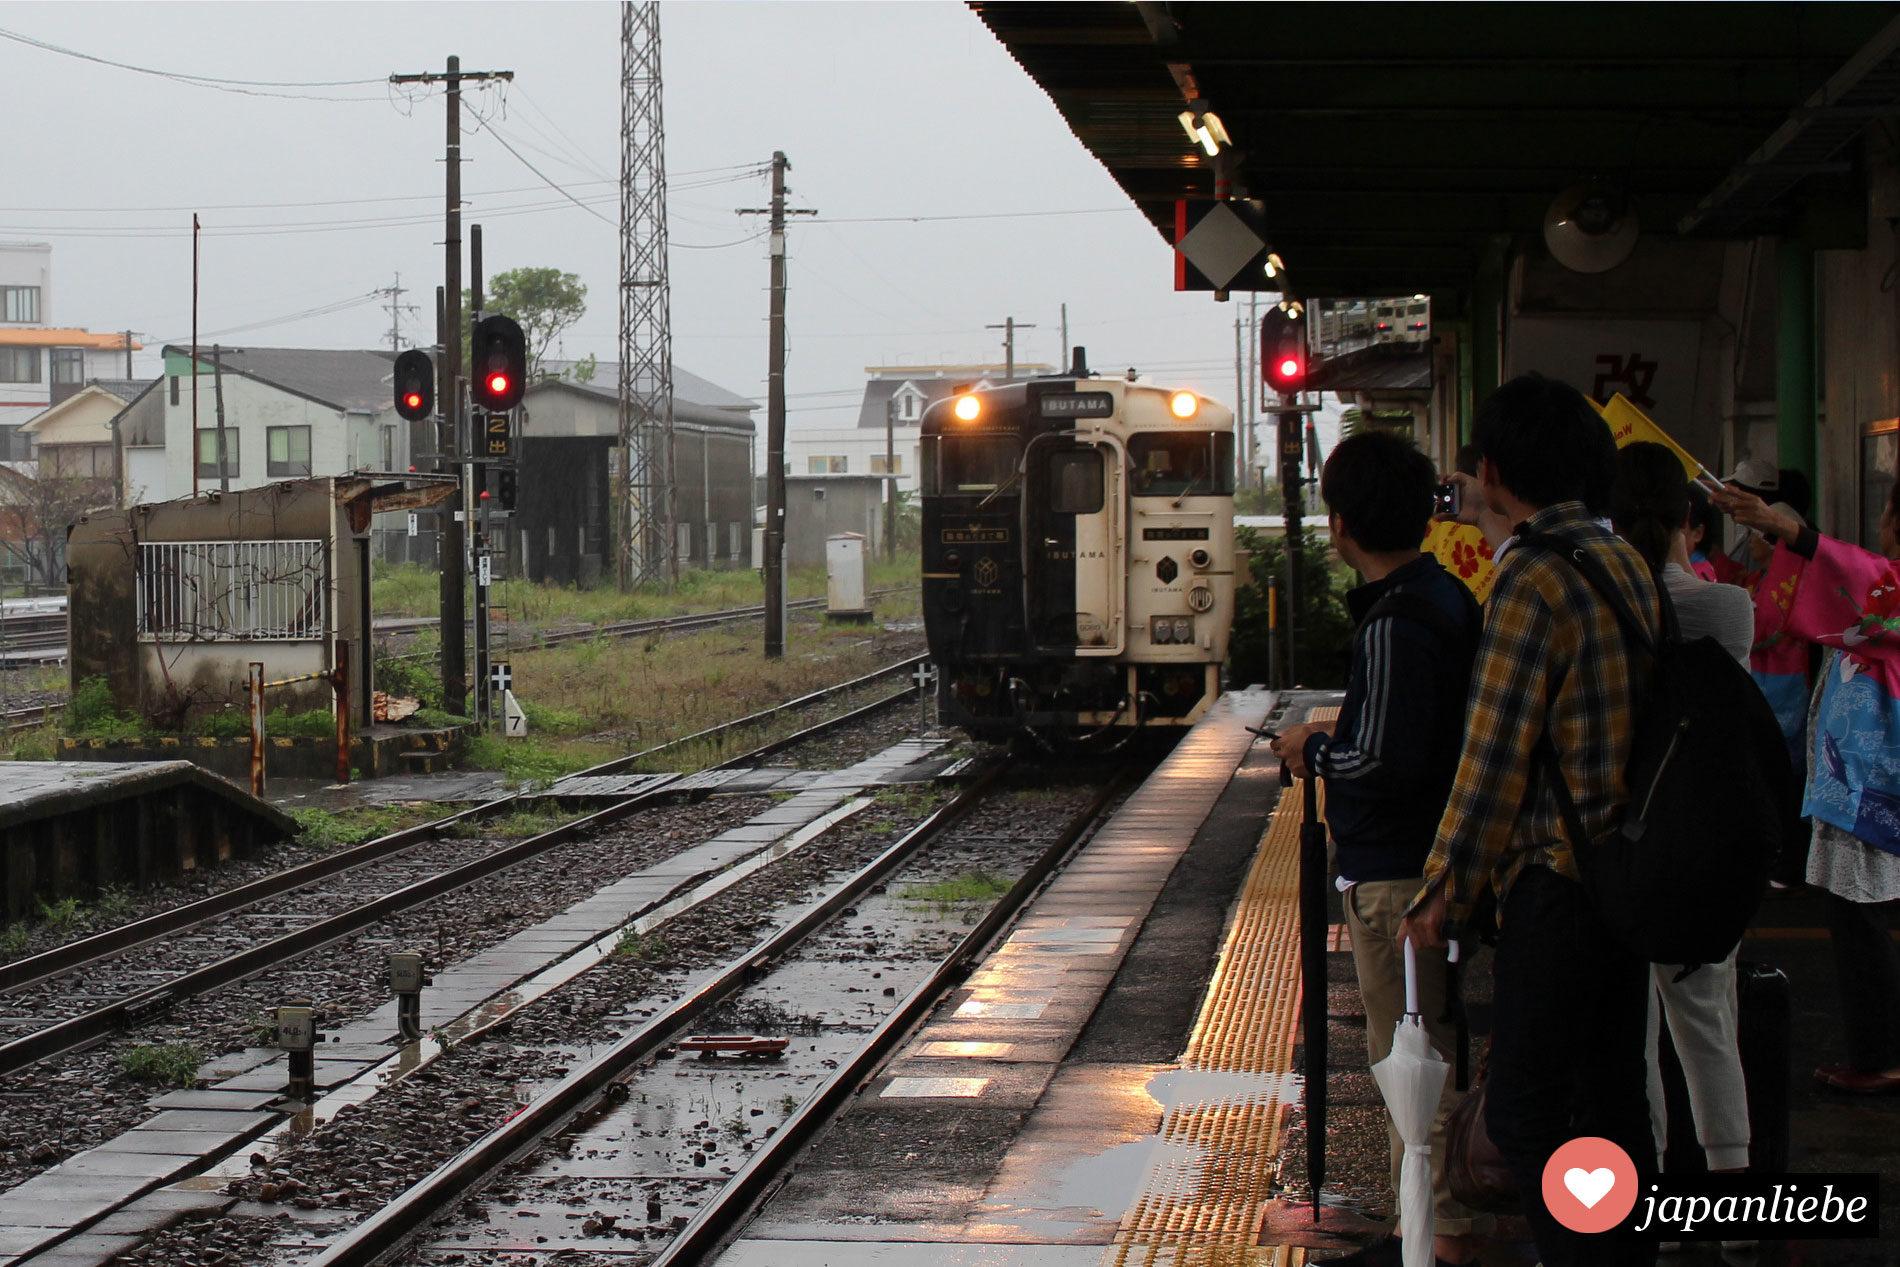 Der Ibusuki no Tamatebako fährt in den Bahnhof ein.